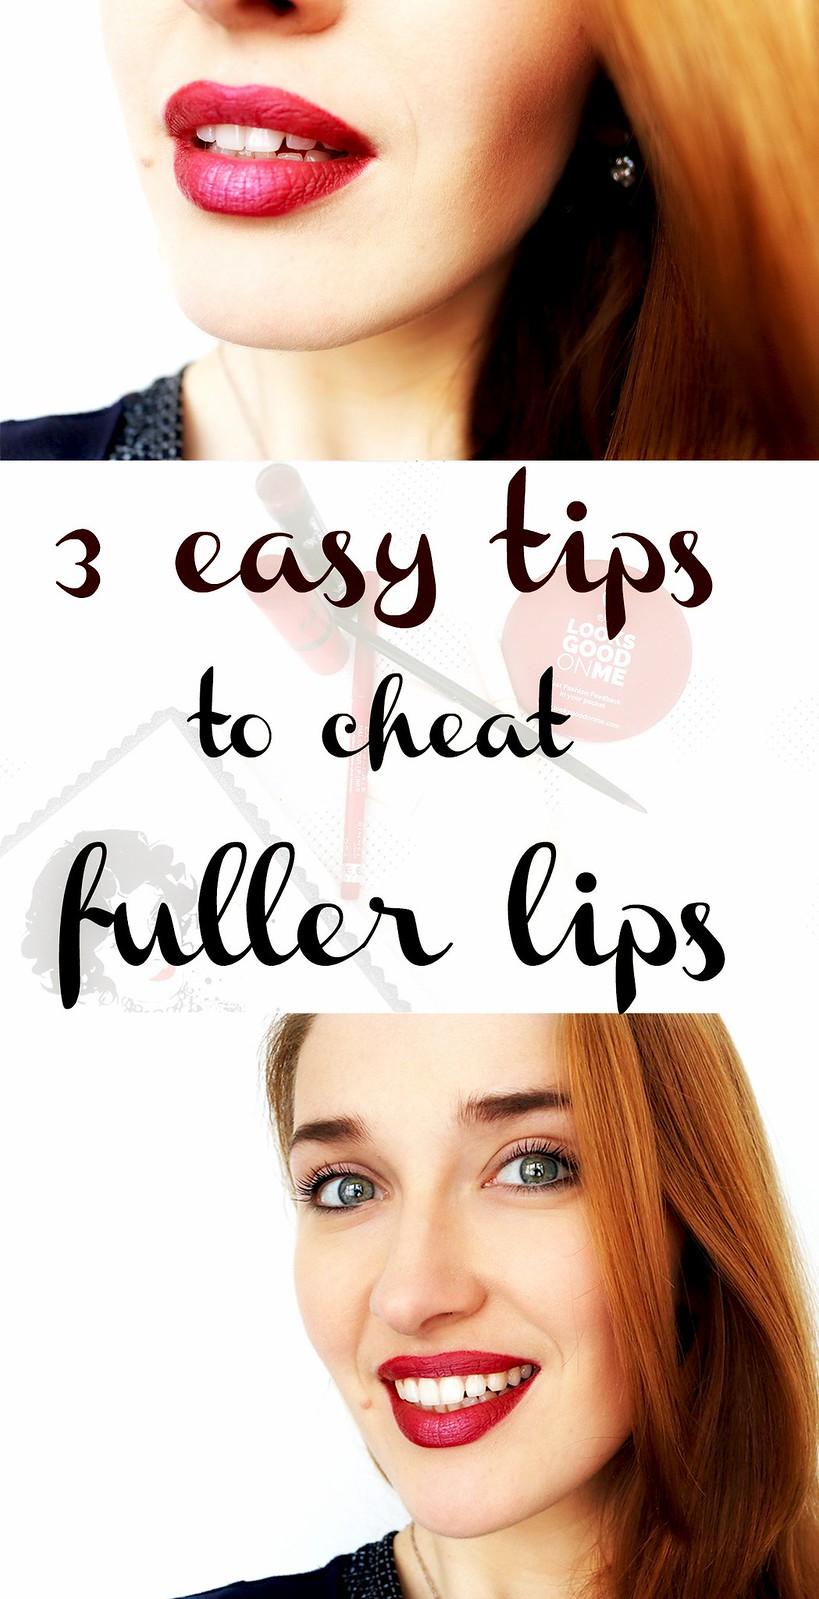 3 easy tips to cheat fuller lips